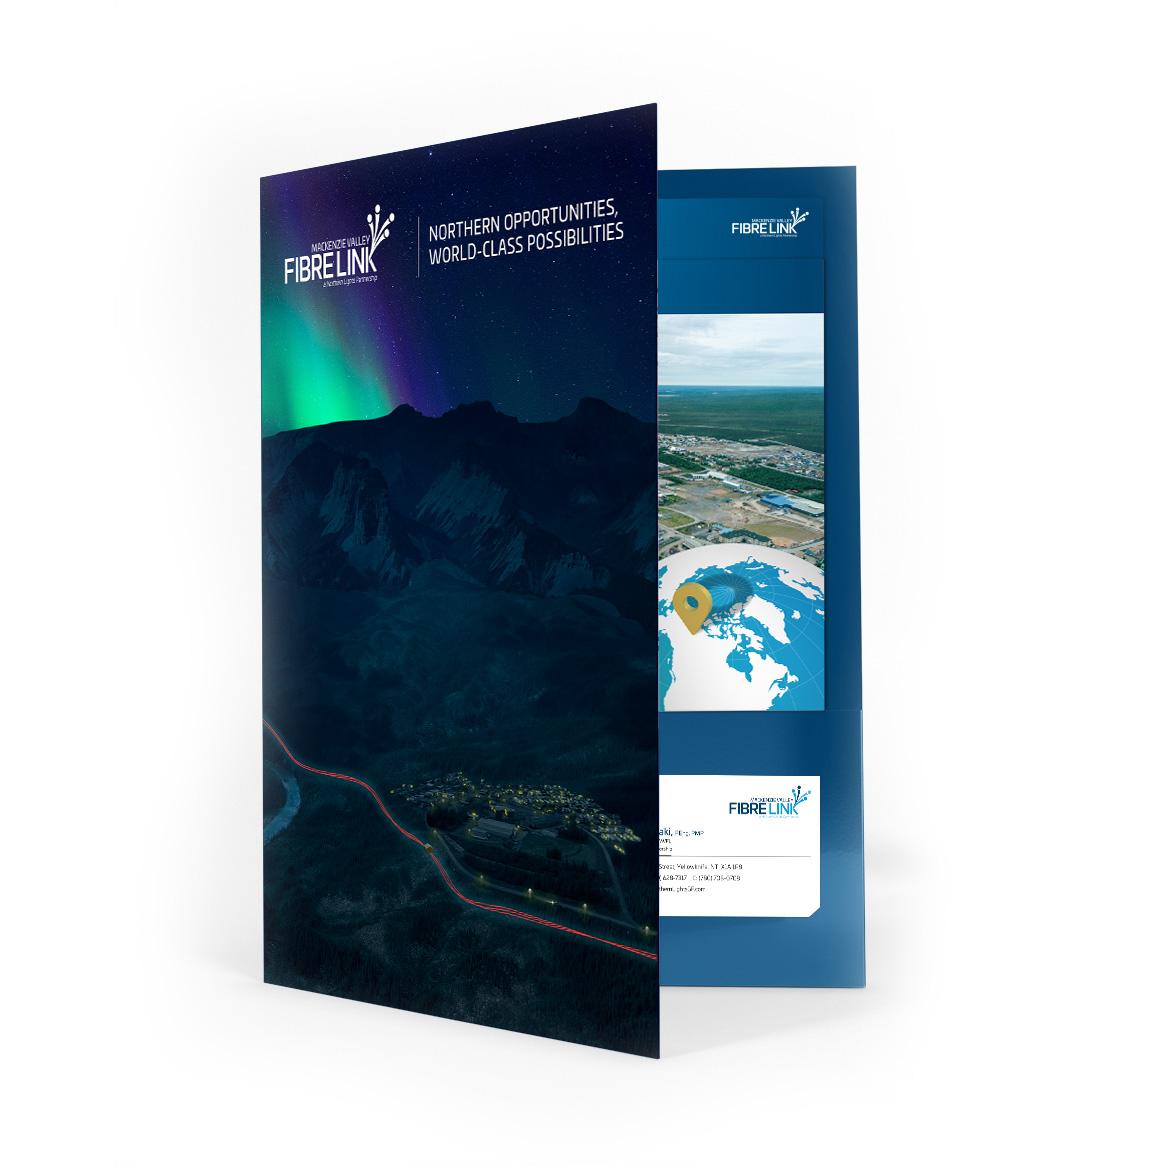 Sample image of pocket folder design for Mackenzie Valley Fibre Link.